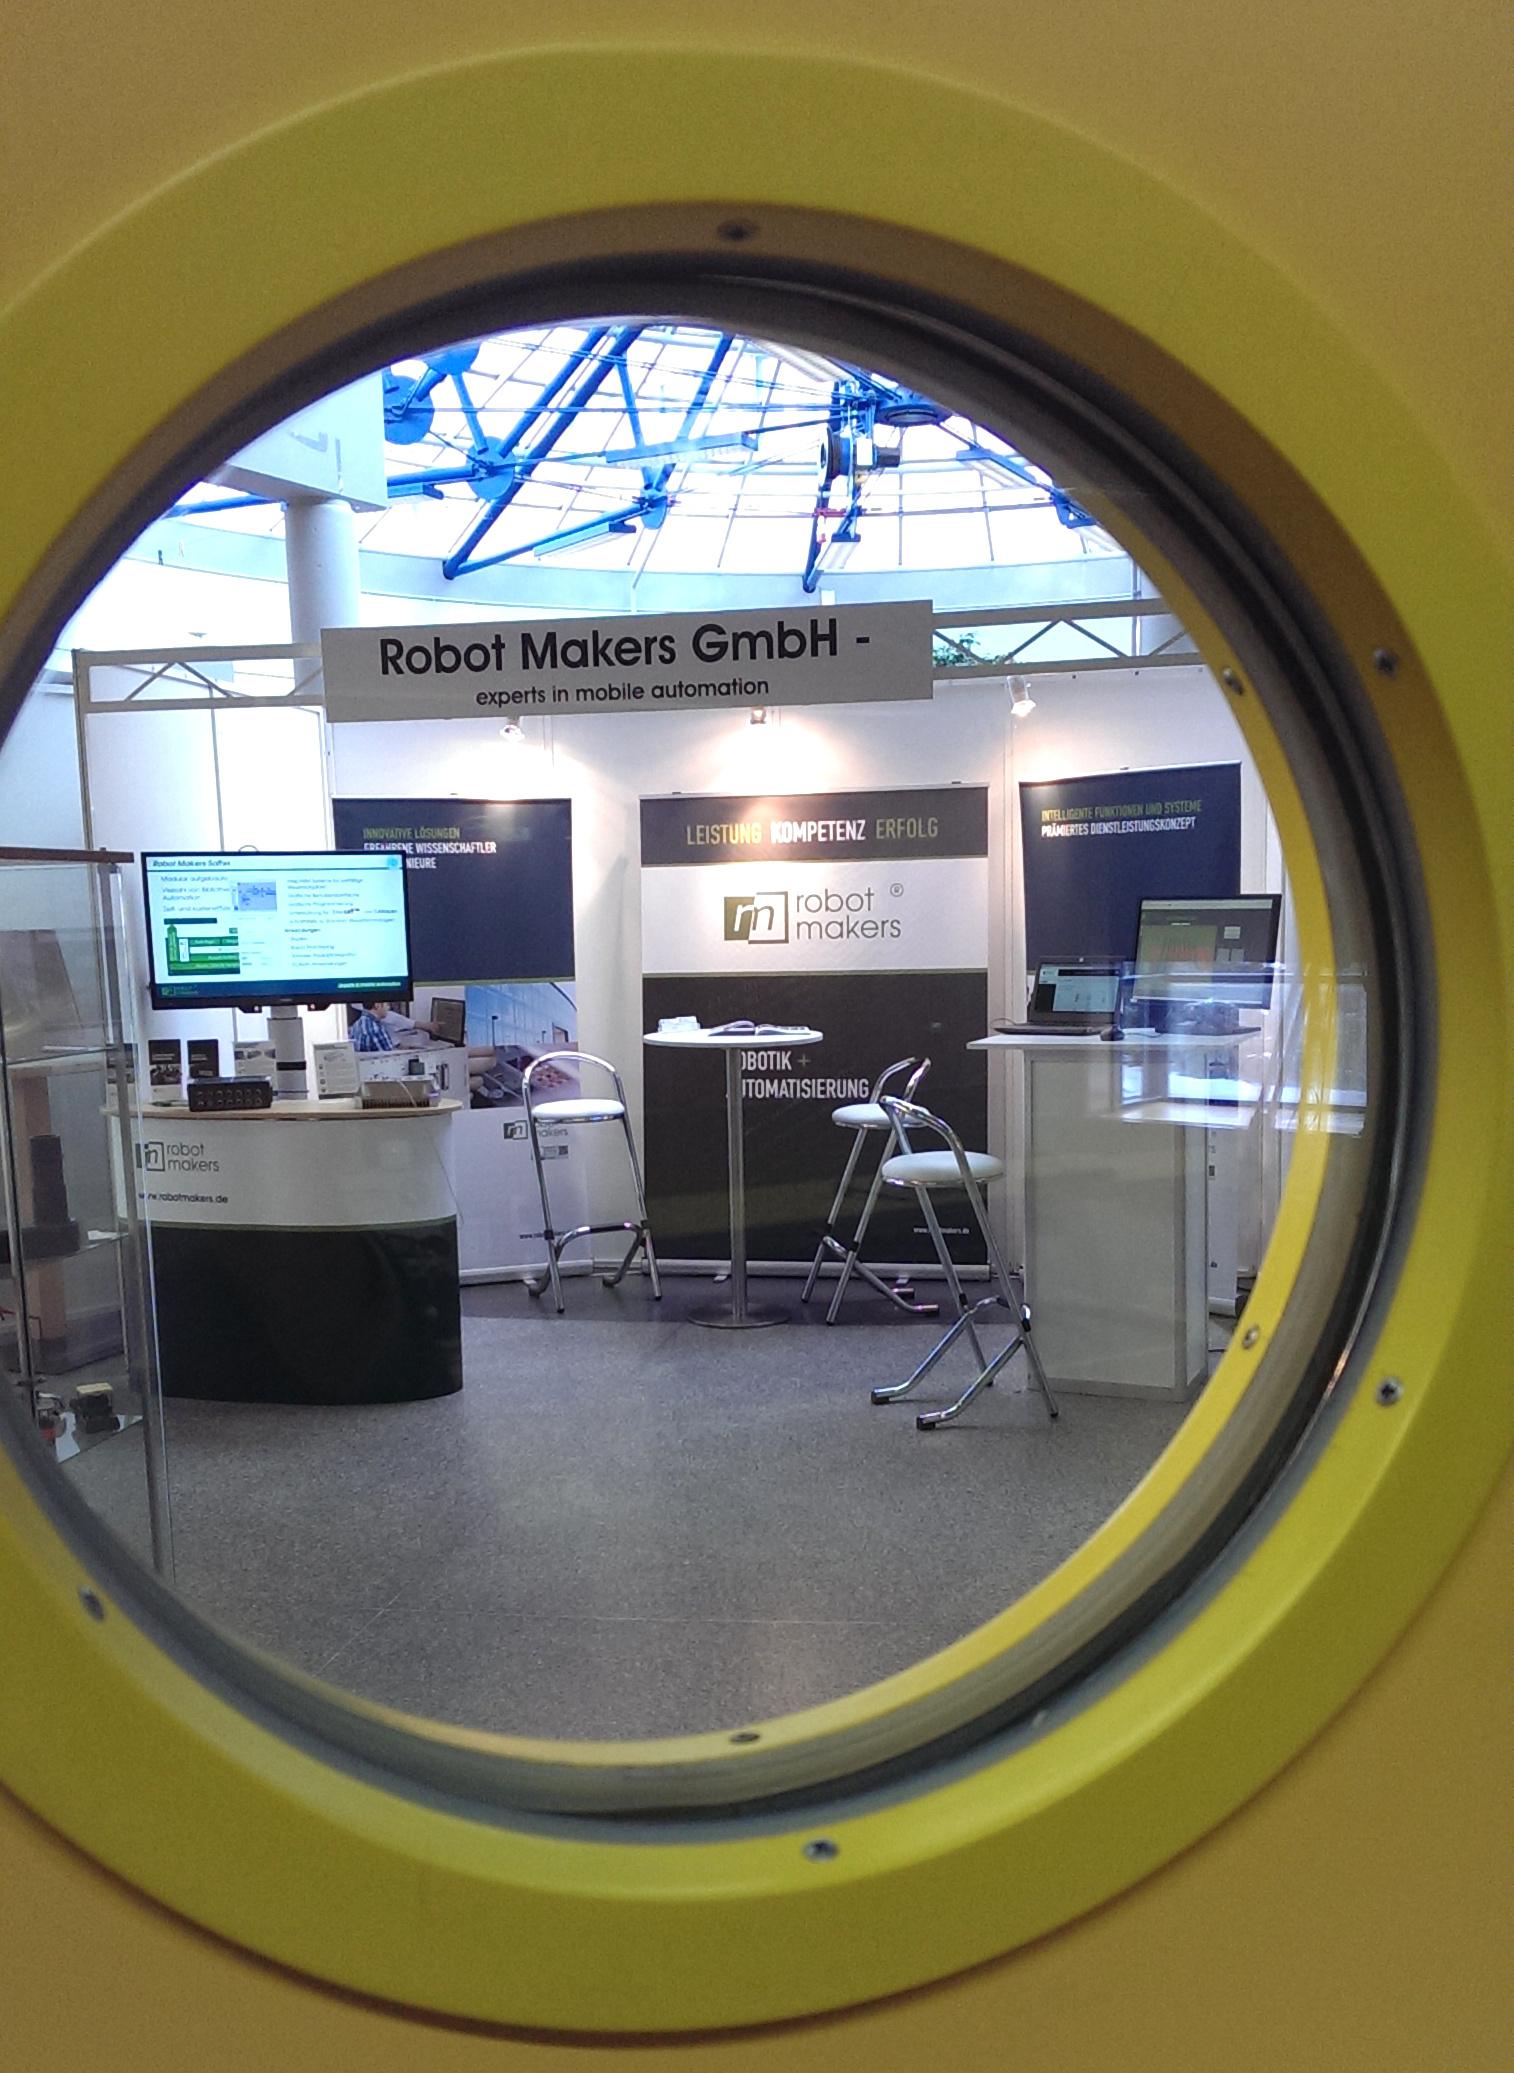 Stand der Robot Makers GmbH auf dem 4. CVT-Symposium in Kaiserslautern